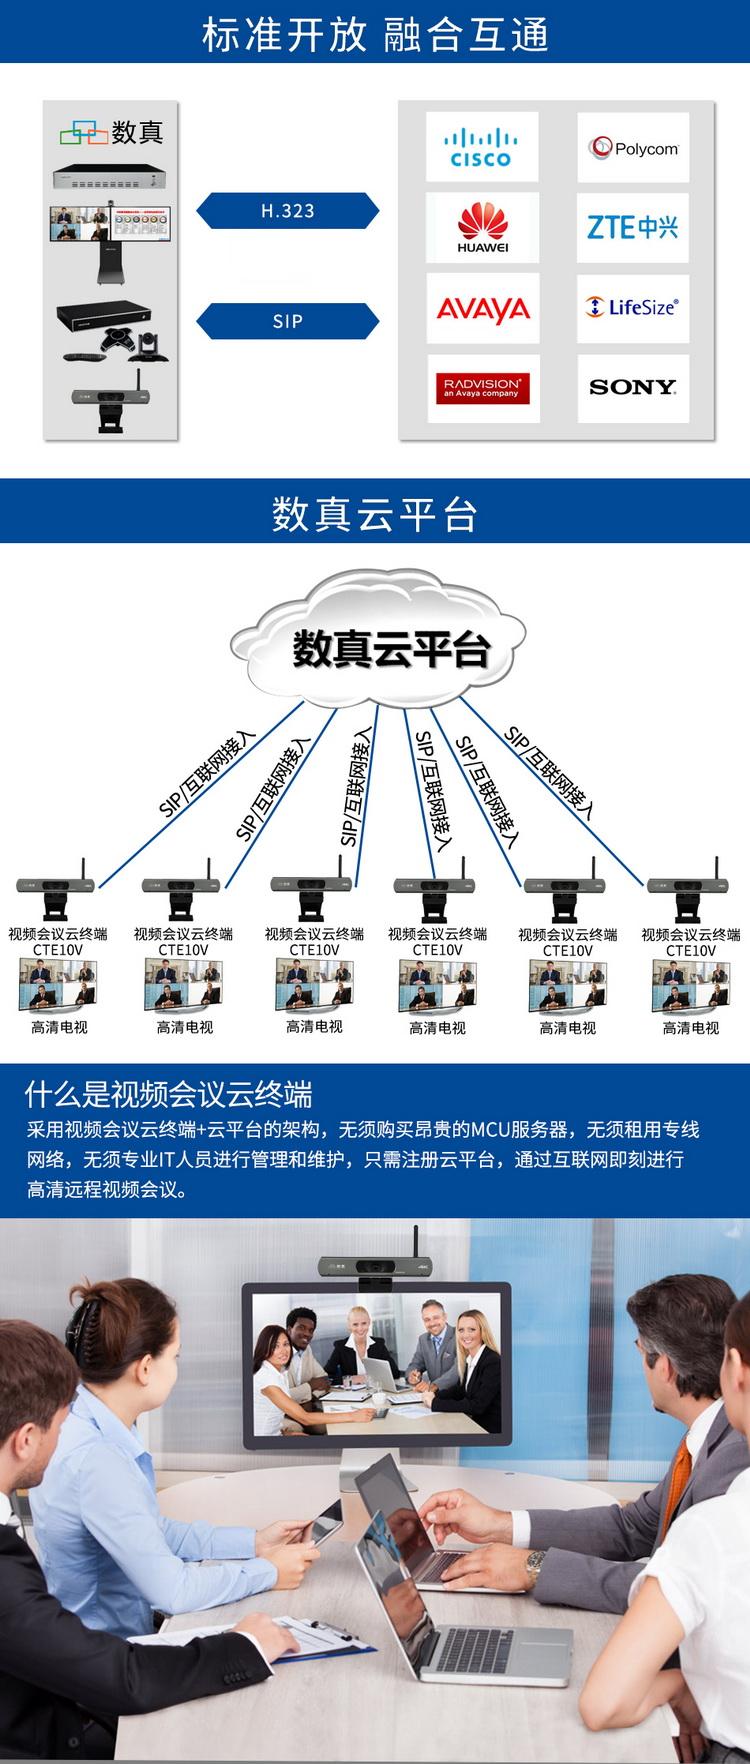 CTE10V(图3)